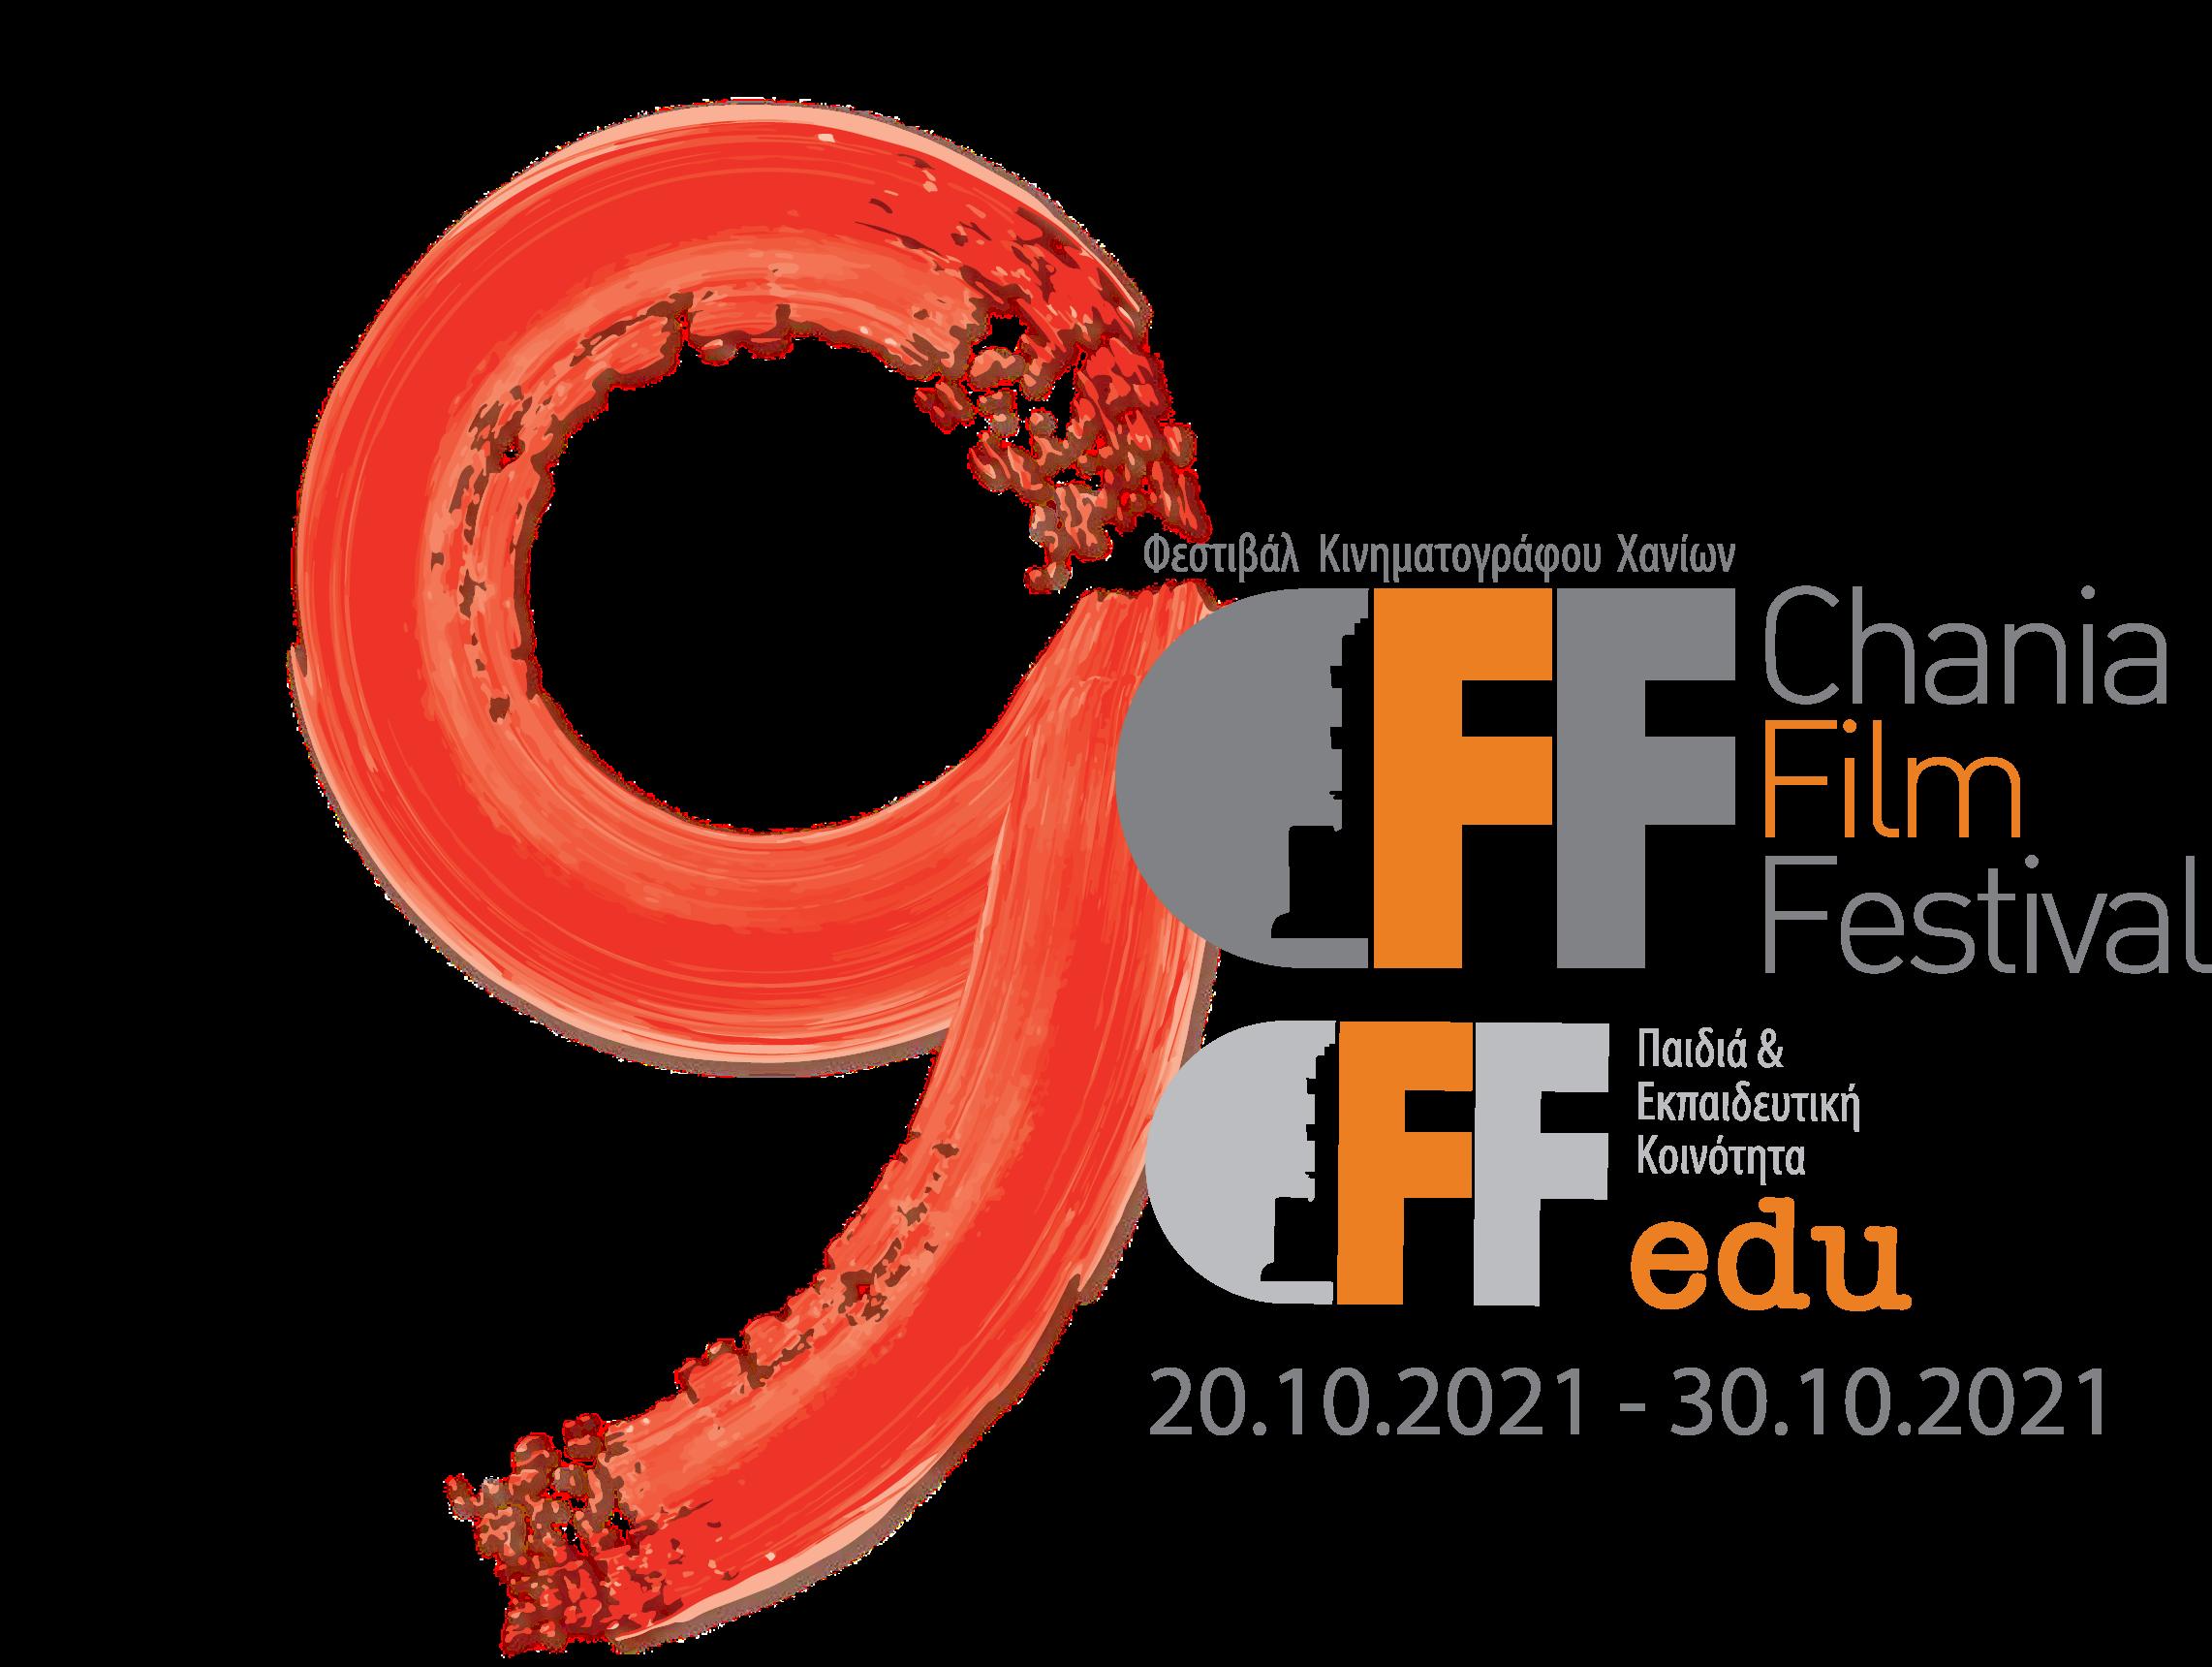 Το 9ο Φεστιβάλ Κινηματογράφου Χανιών κάνει πρεμιέρα τιμώντας τον Μίκη Θεοδωράκη